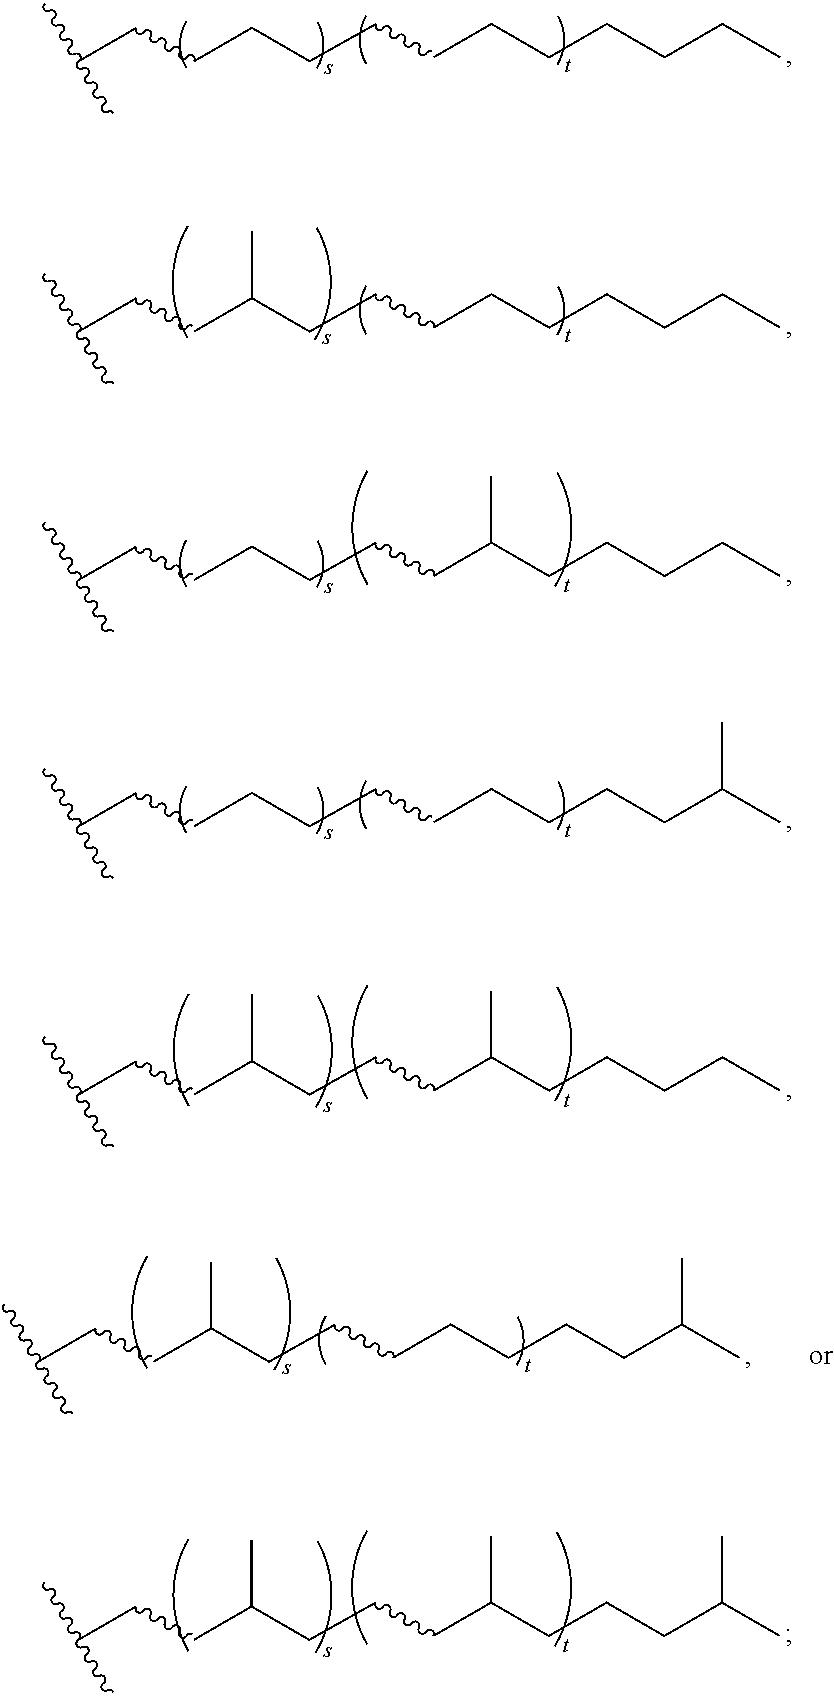 Figure US09902985-20180227-C00026